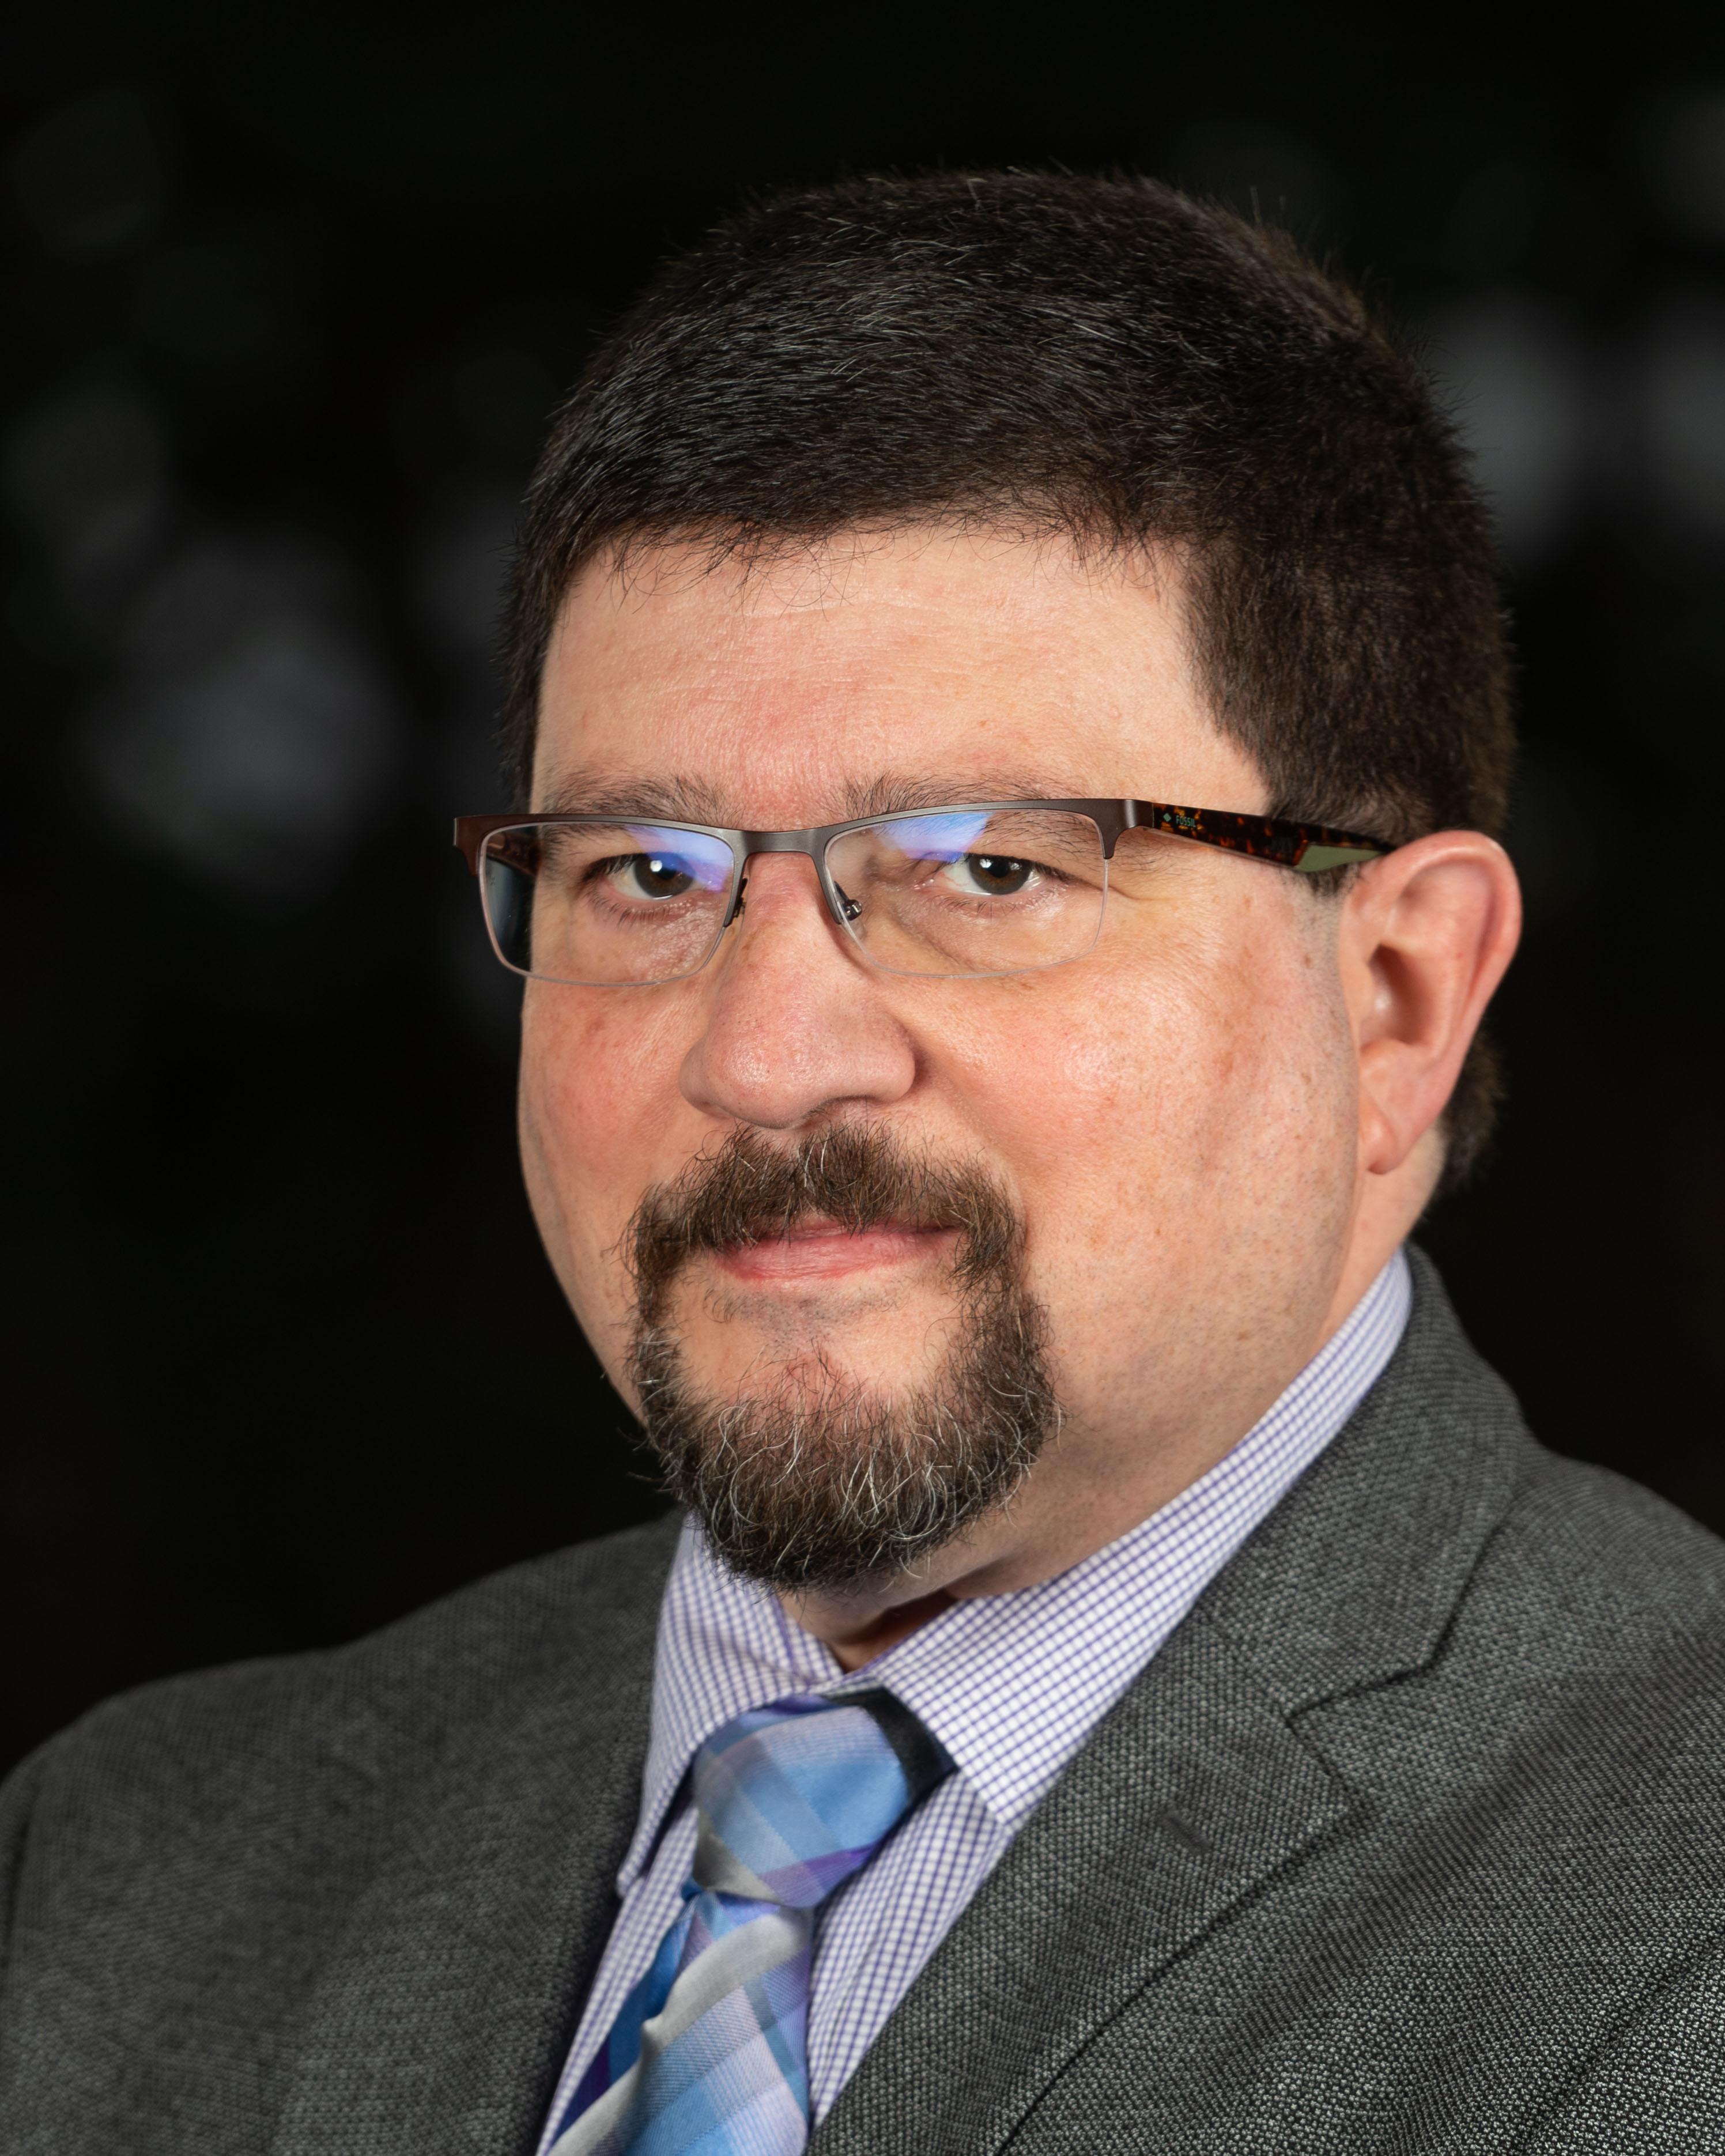 Joseph Botana